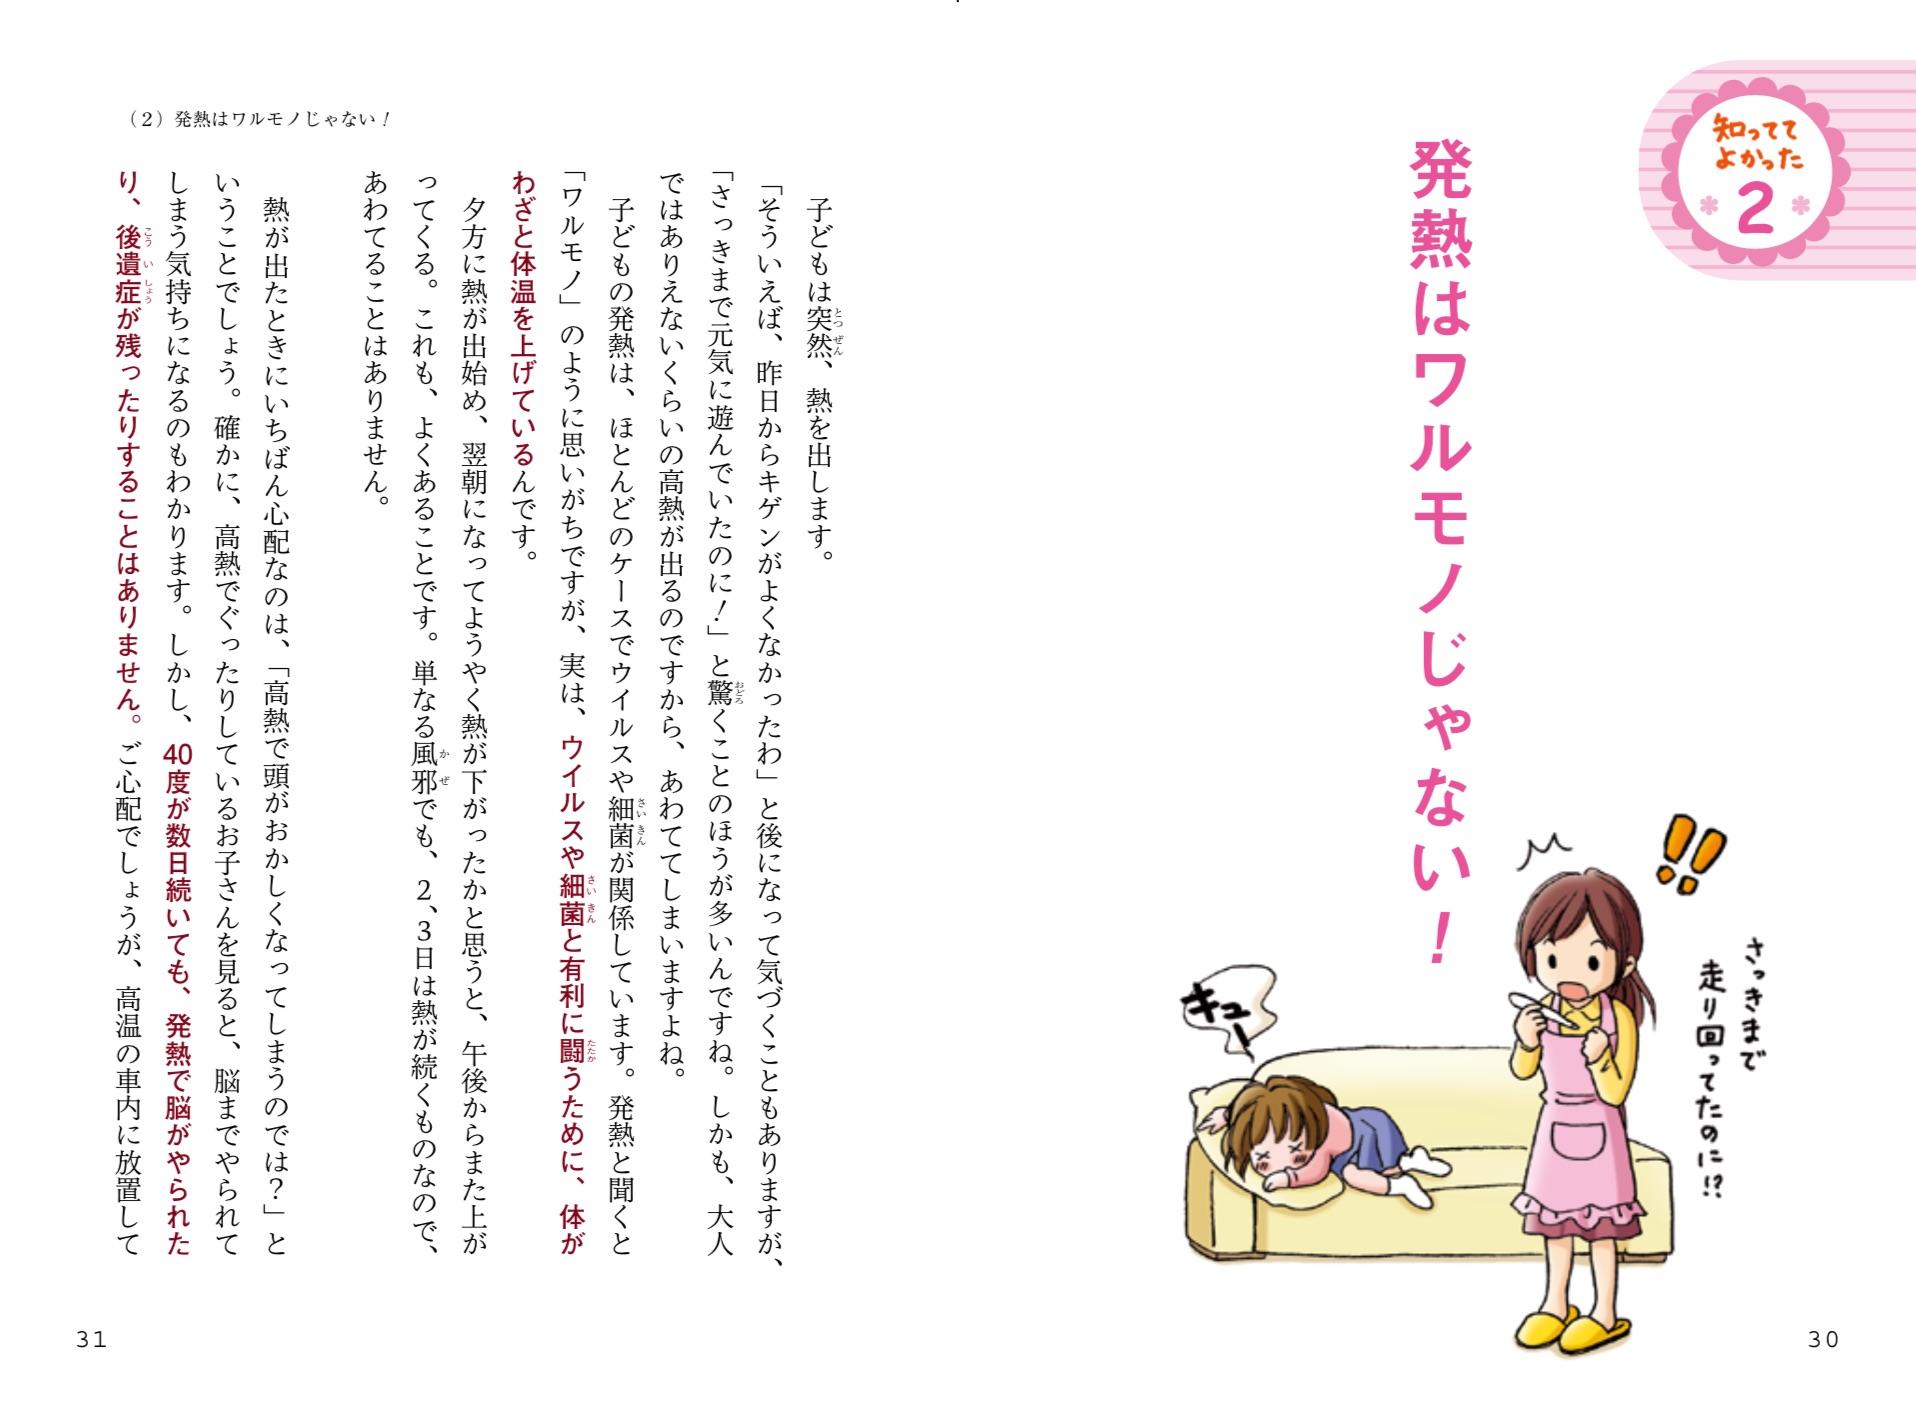 小児科予約キャンペーンの画像2